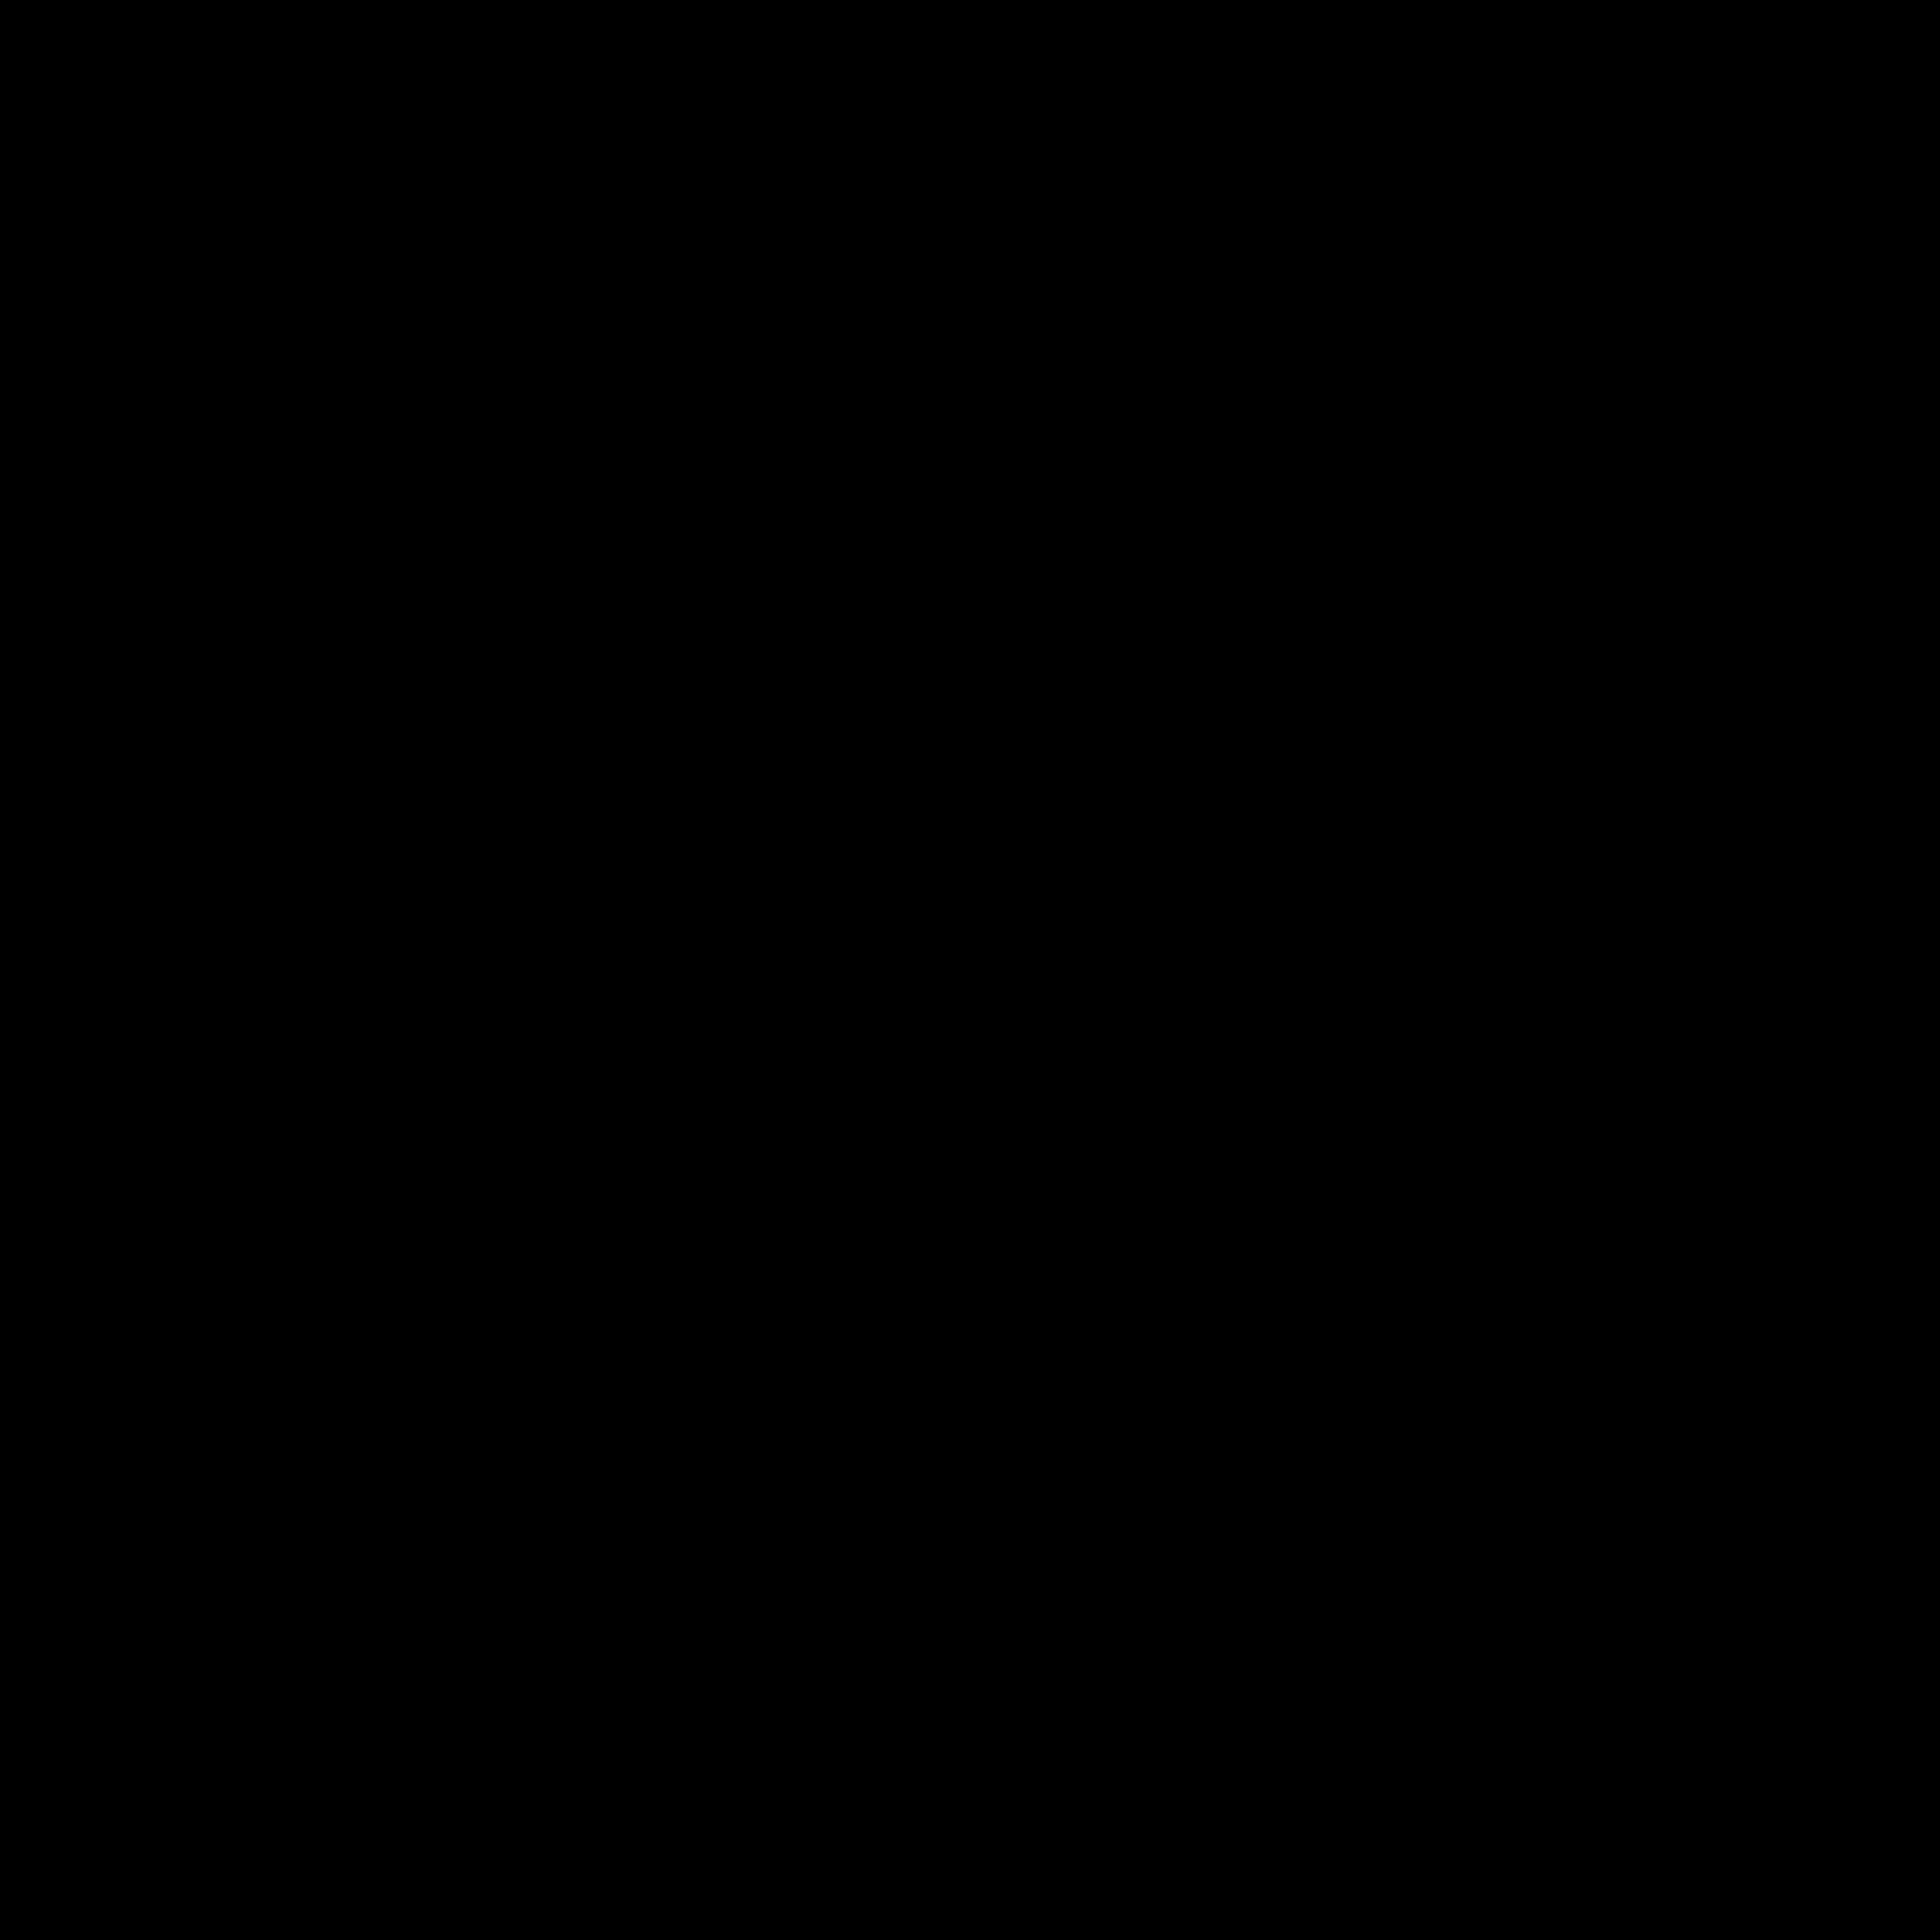 Flower Collage by Foziz105